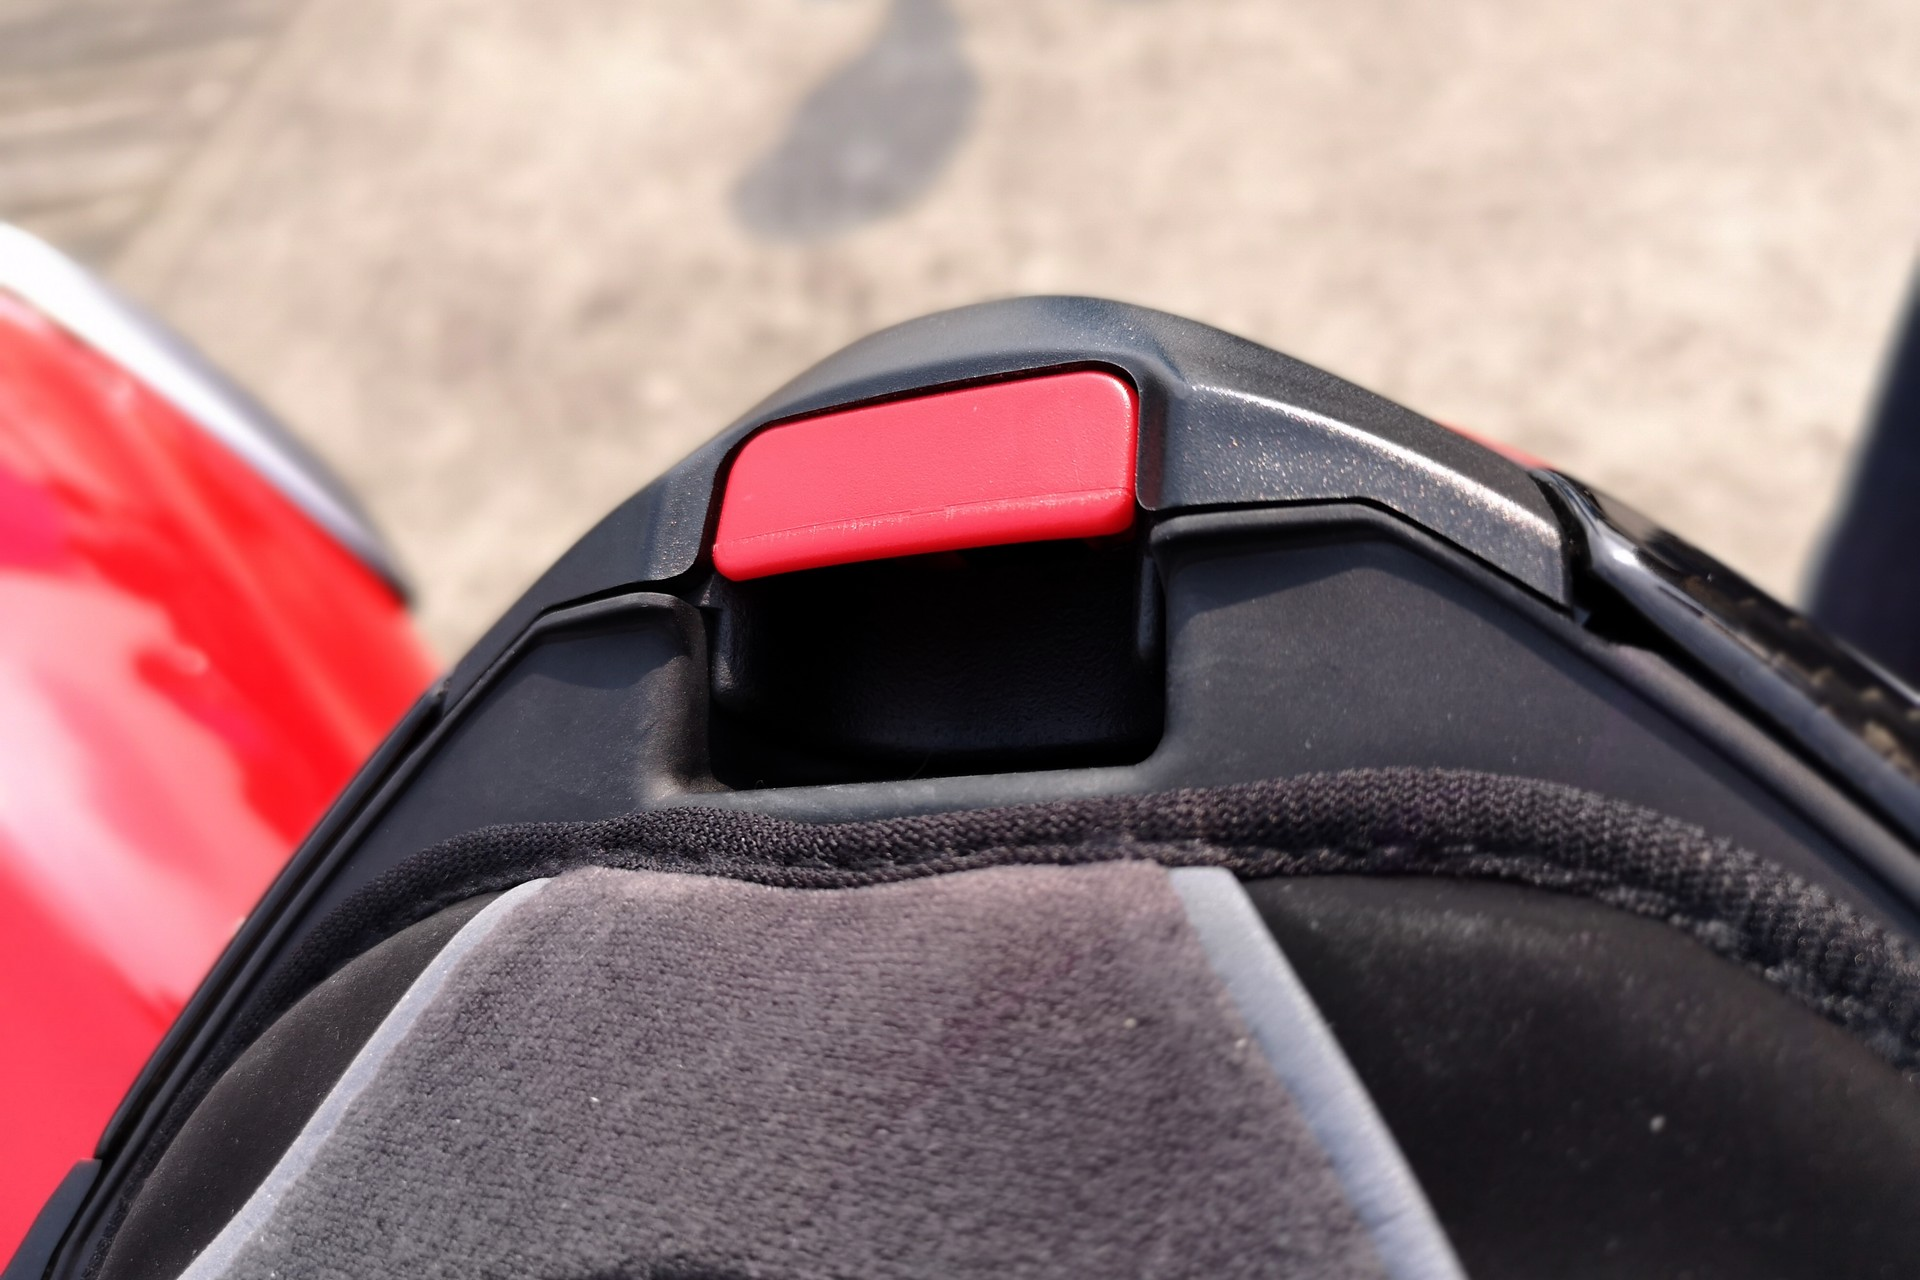 Le bouton de déverrouillage de la mentonnière, très accessible